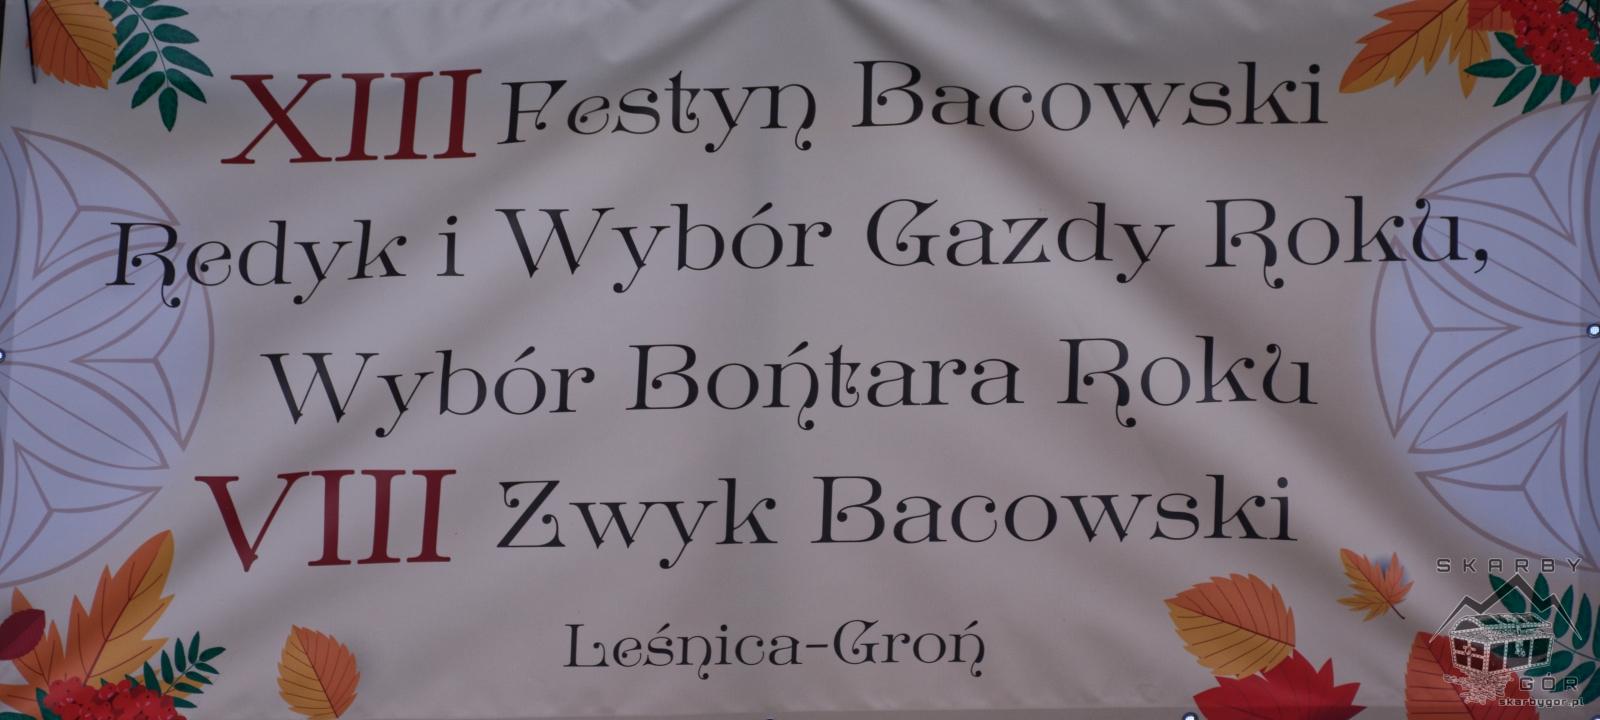 XIII Festyn Bacowski Leśnica 2018 DSC_3840_mini